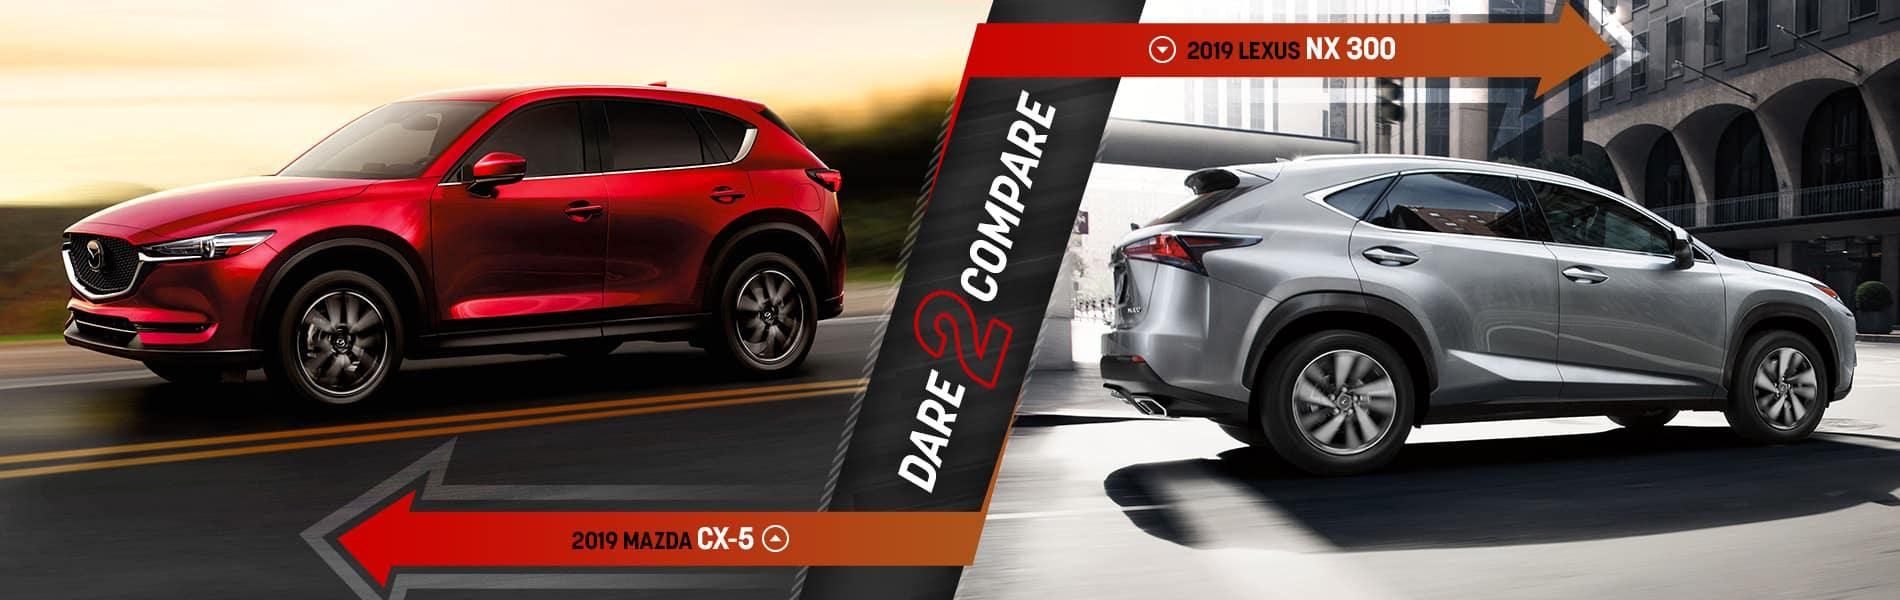 2019 Mazda CX-5 vs Lexus NX 300 - Mazda of Bedford - Bedford, OH